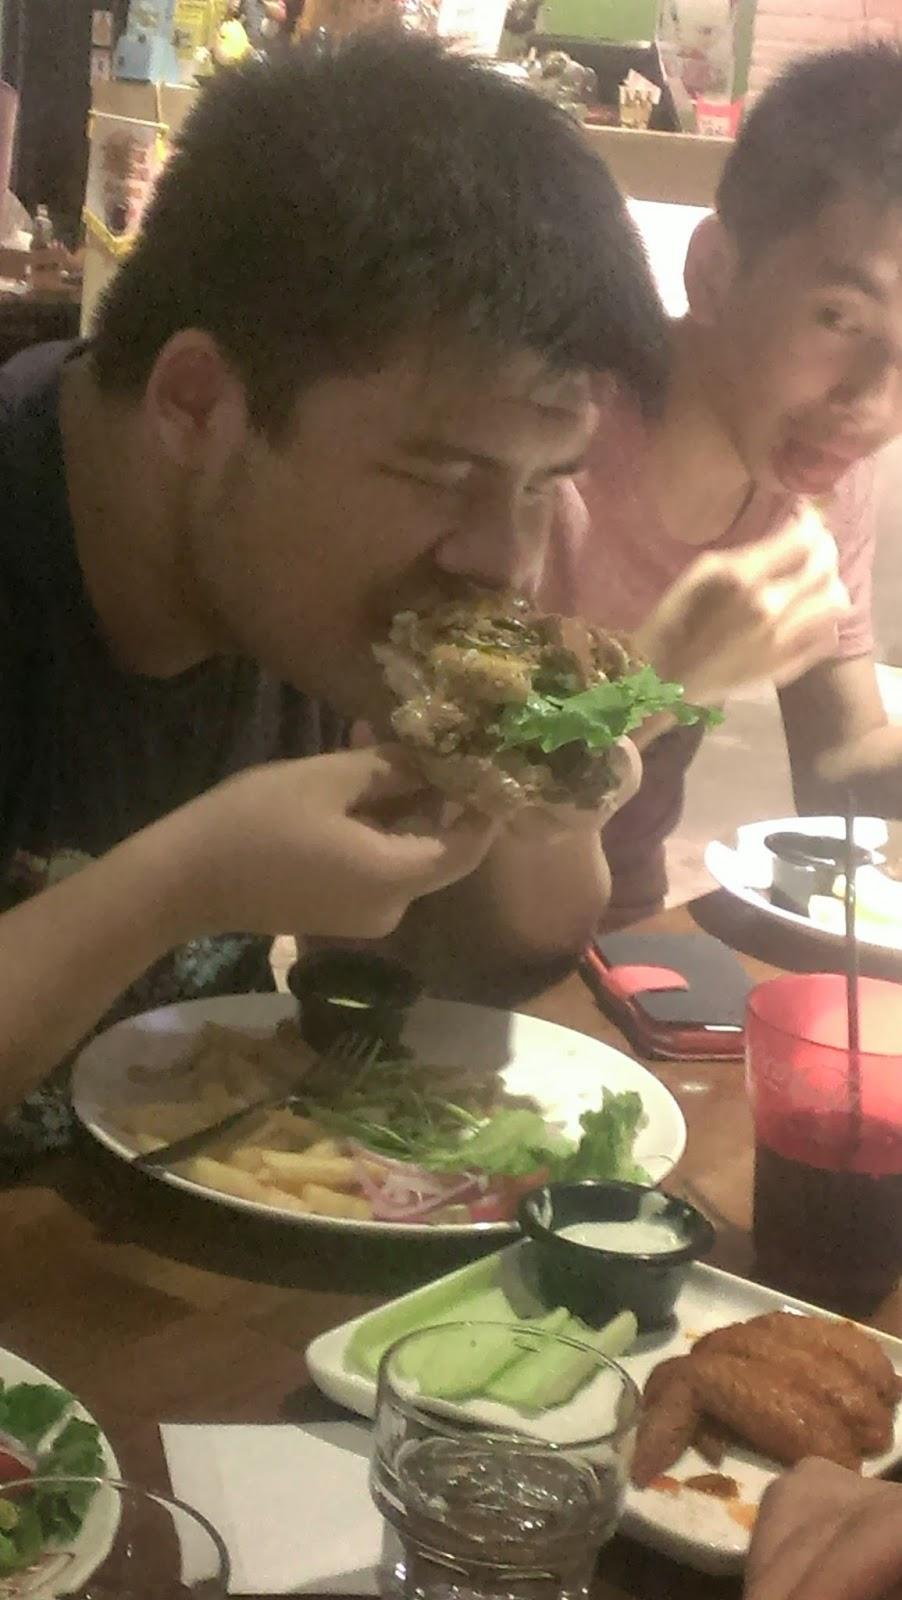 2014 07 27+18.37.56 - [食記] Bravo Burger 發福廚房 - 大口咬下美式漢堡,滿滿的熱量,滿滿幸福!